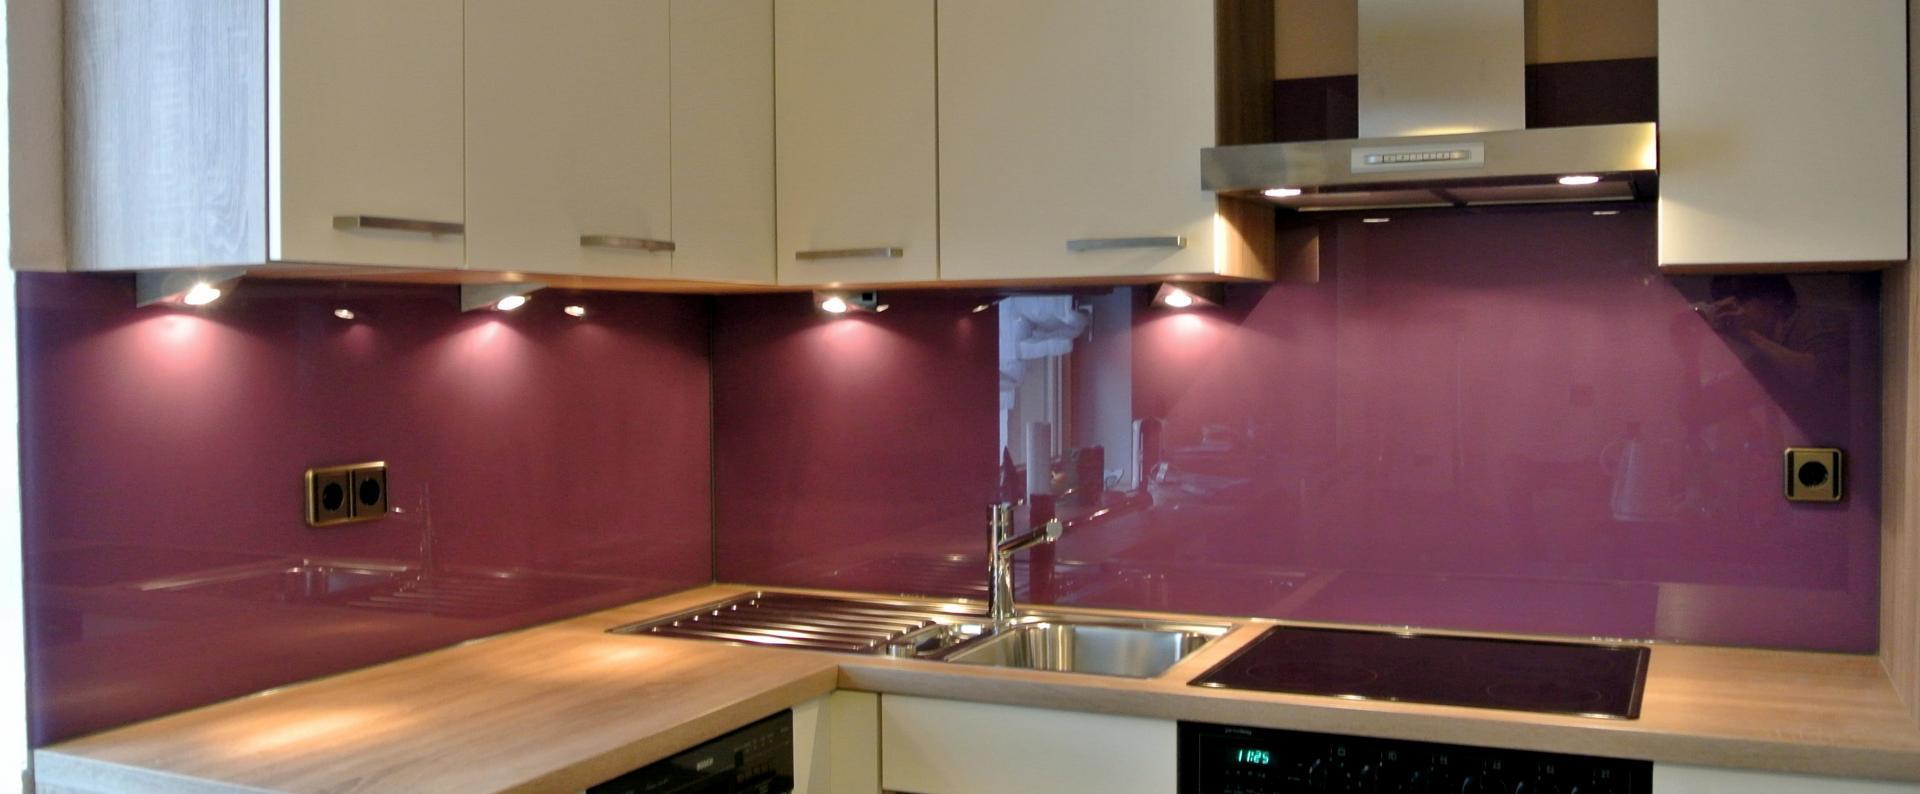 Ral 4001 rotlila Küchenrückwand Farbe